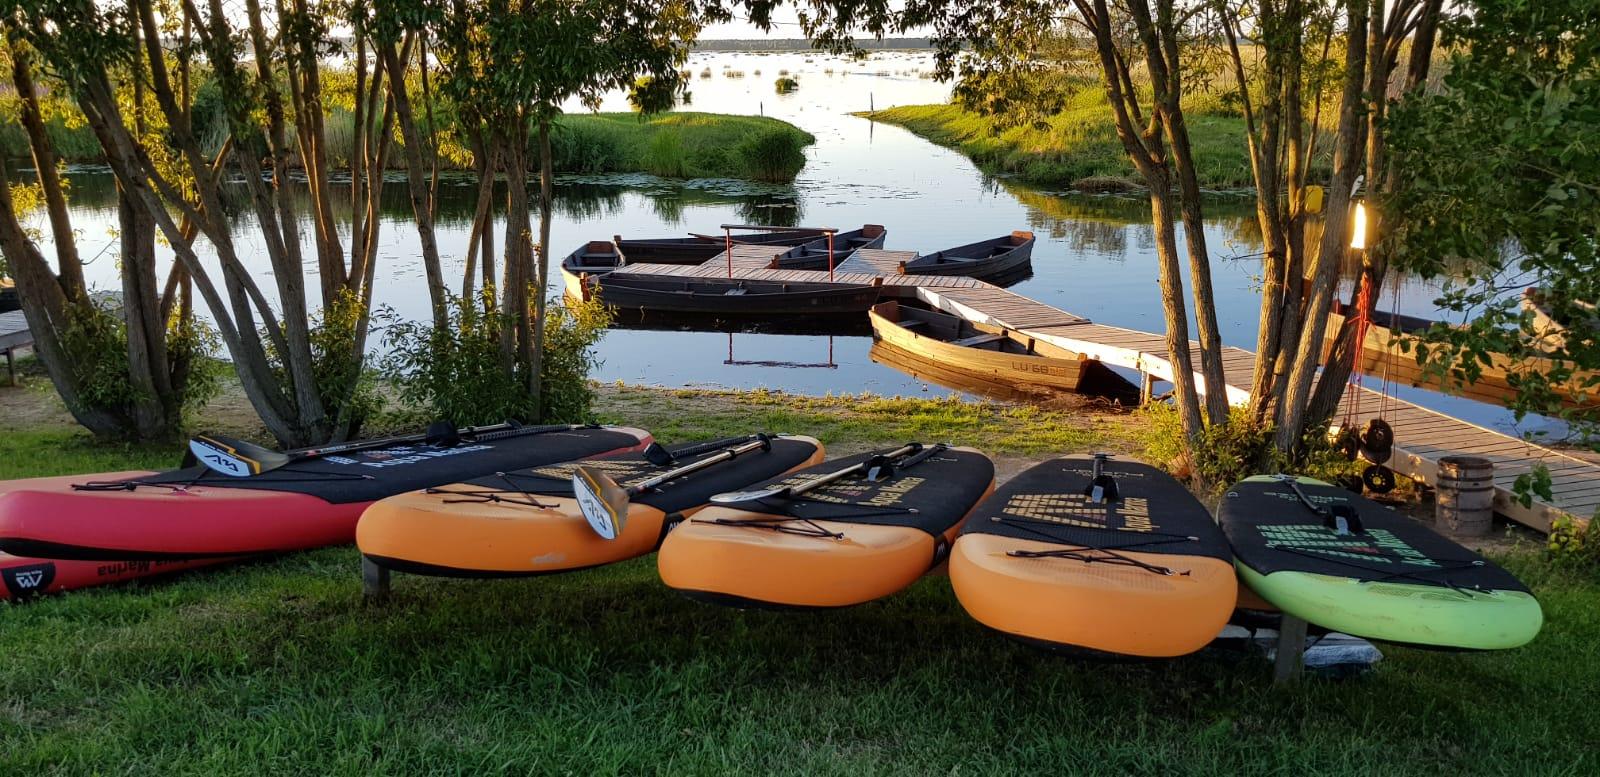 Aktuāli Mūsu Klientiem - Babītes ezers, zivis, putni, noteikumi utt.